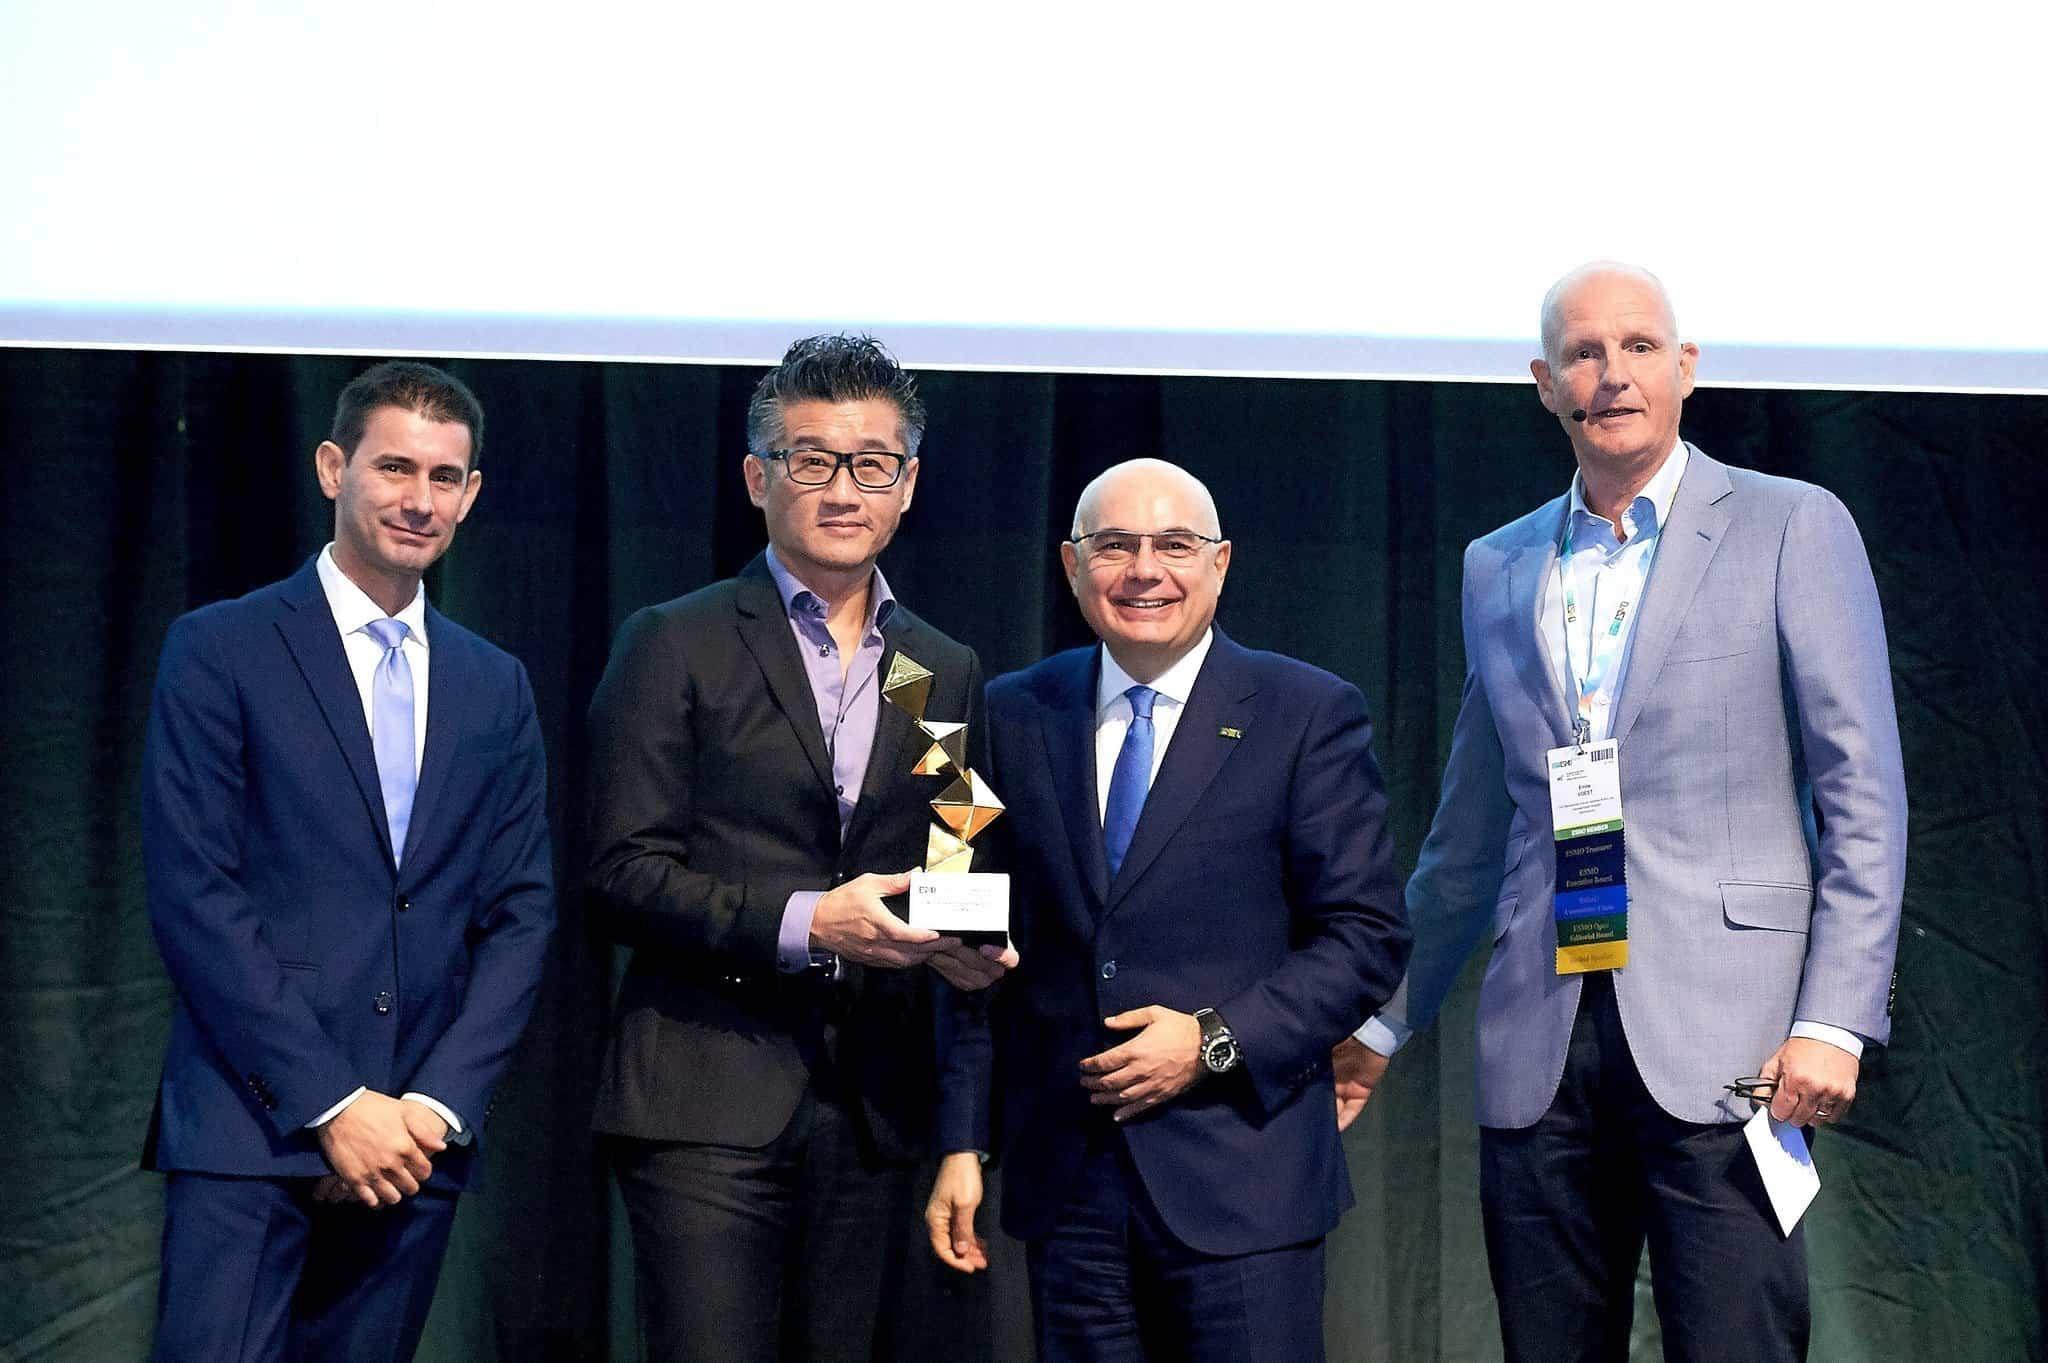 莫樹錦教授獲歐洲腫瘤學會頒發終身成就獎